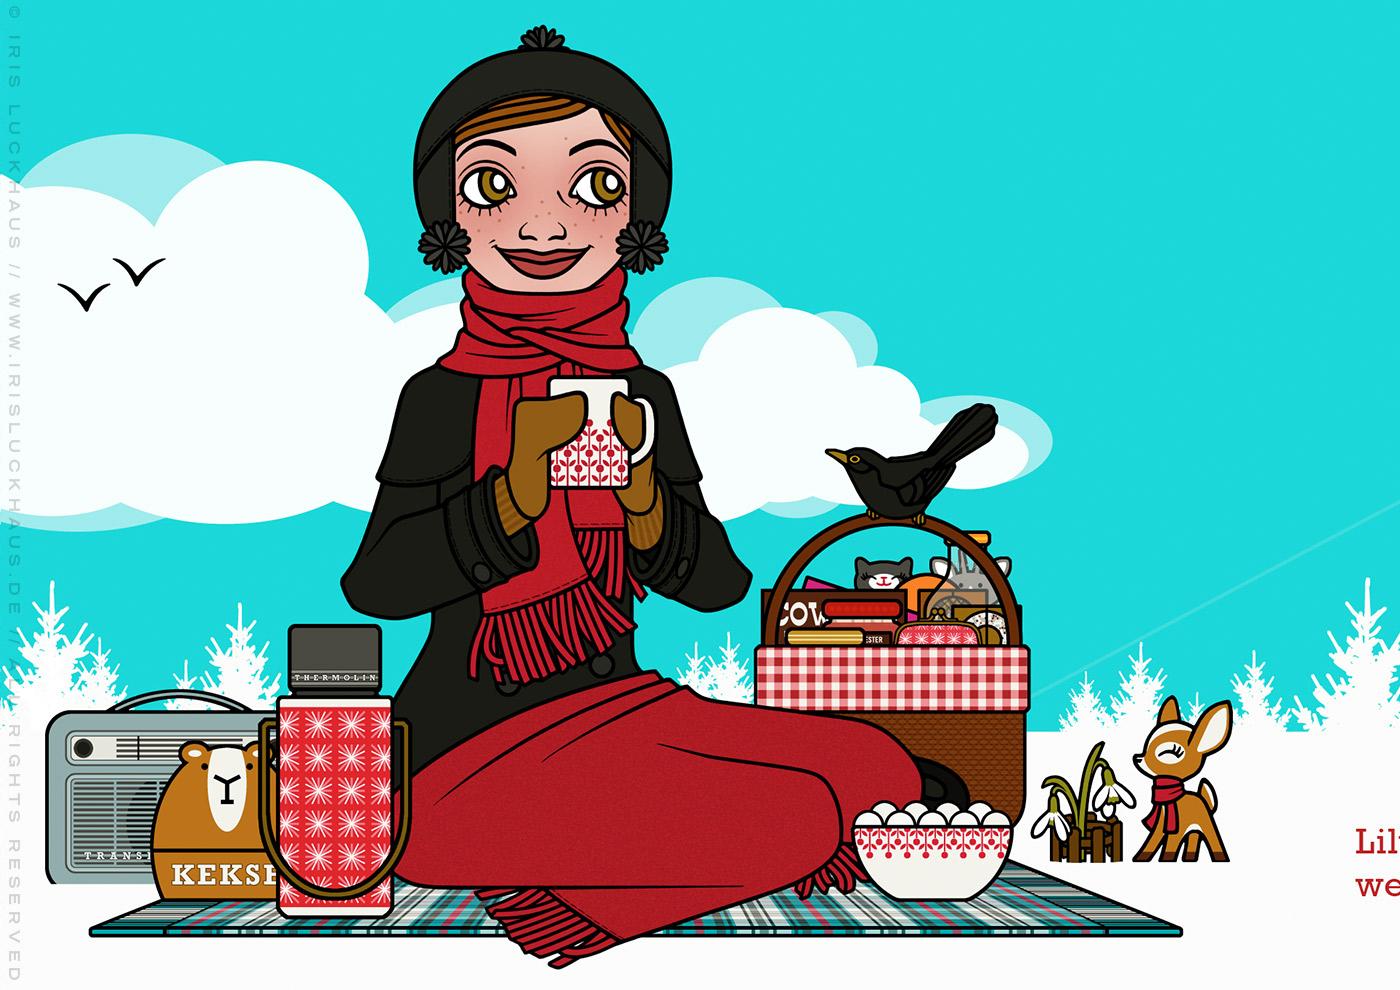 Zeichnung eines Mädchens, die zur Feier des ersten Schneeglöckchens ein Picknick im Schnee veranstaltet, für Lily Lux